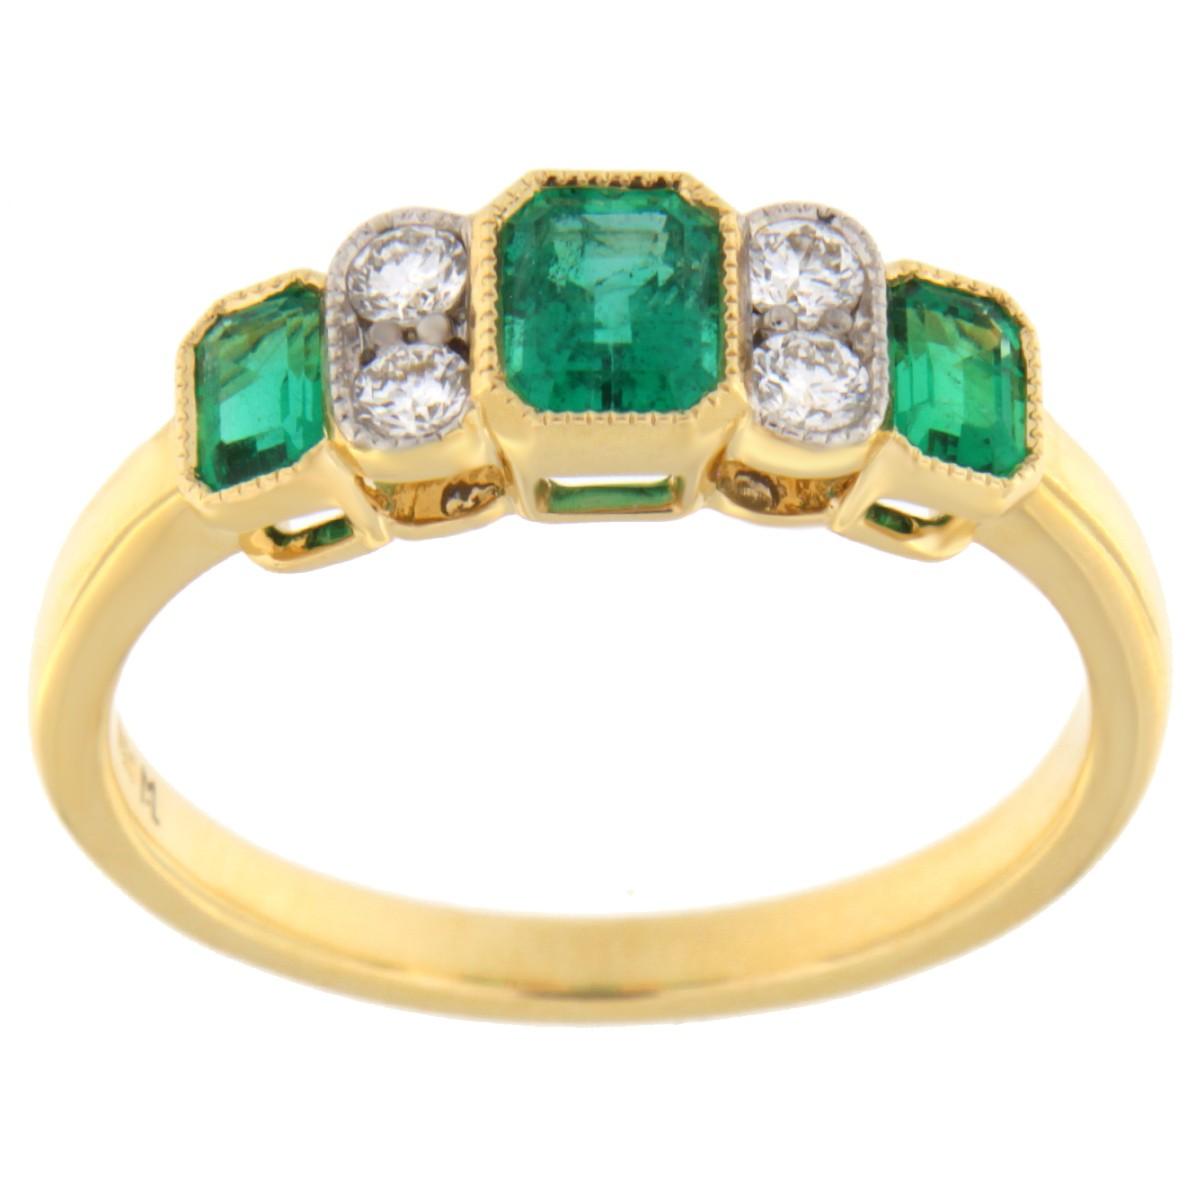 Kullast sõrmus teemantidega ja samaragdidega Kood: 10m